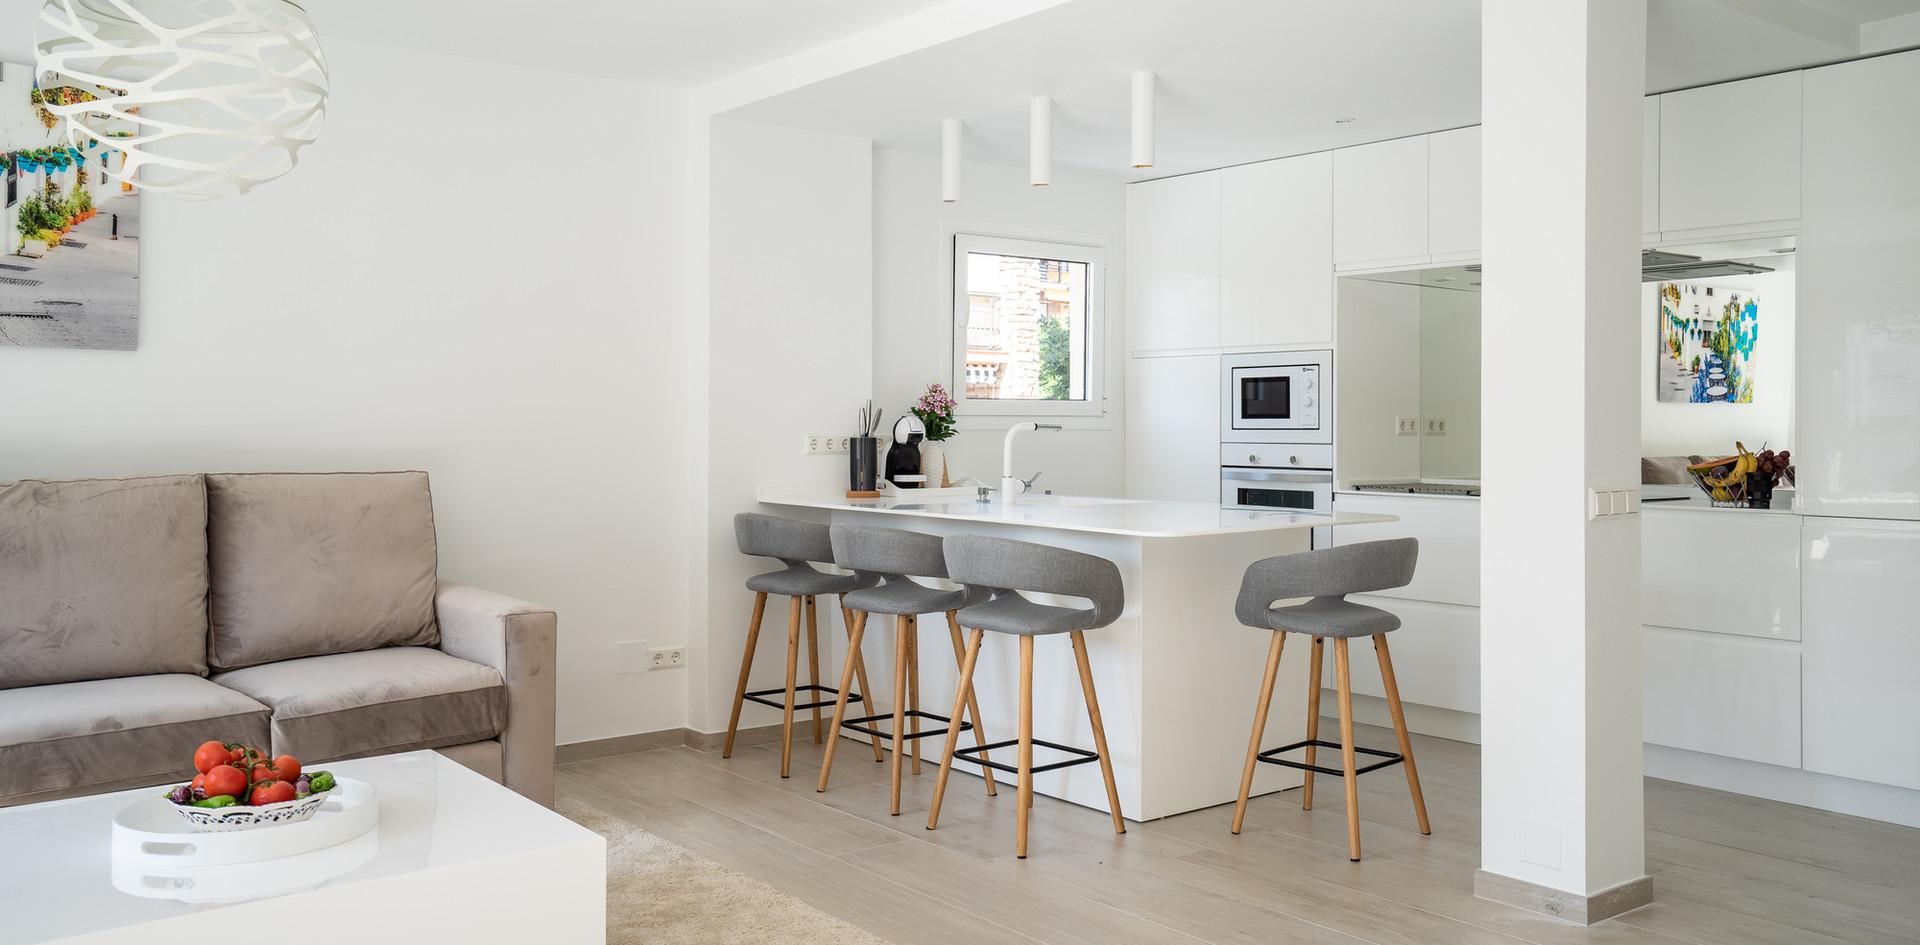 35 marbella piso blanco cocina equipado.